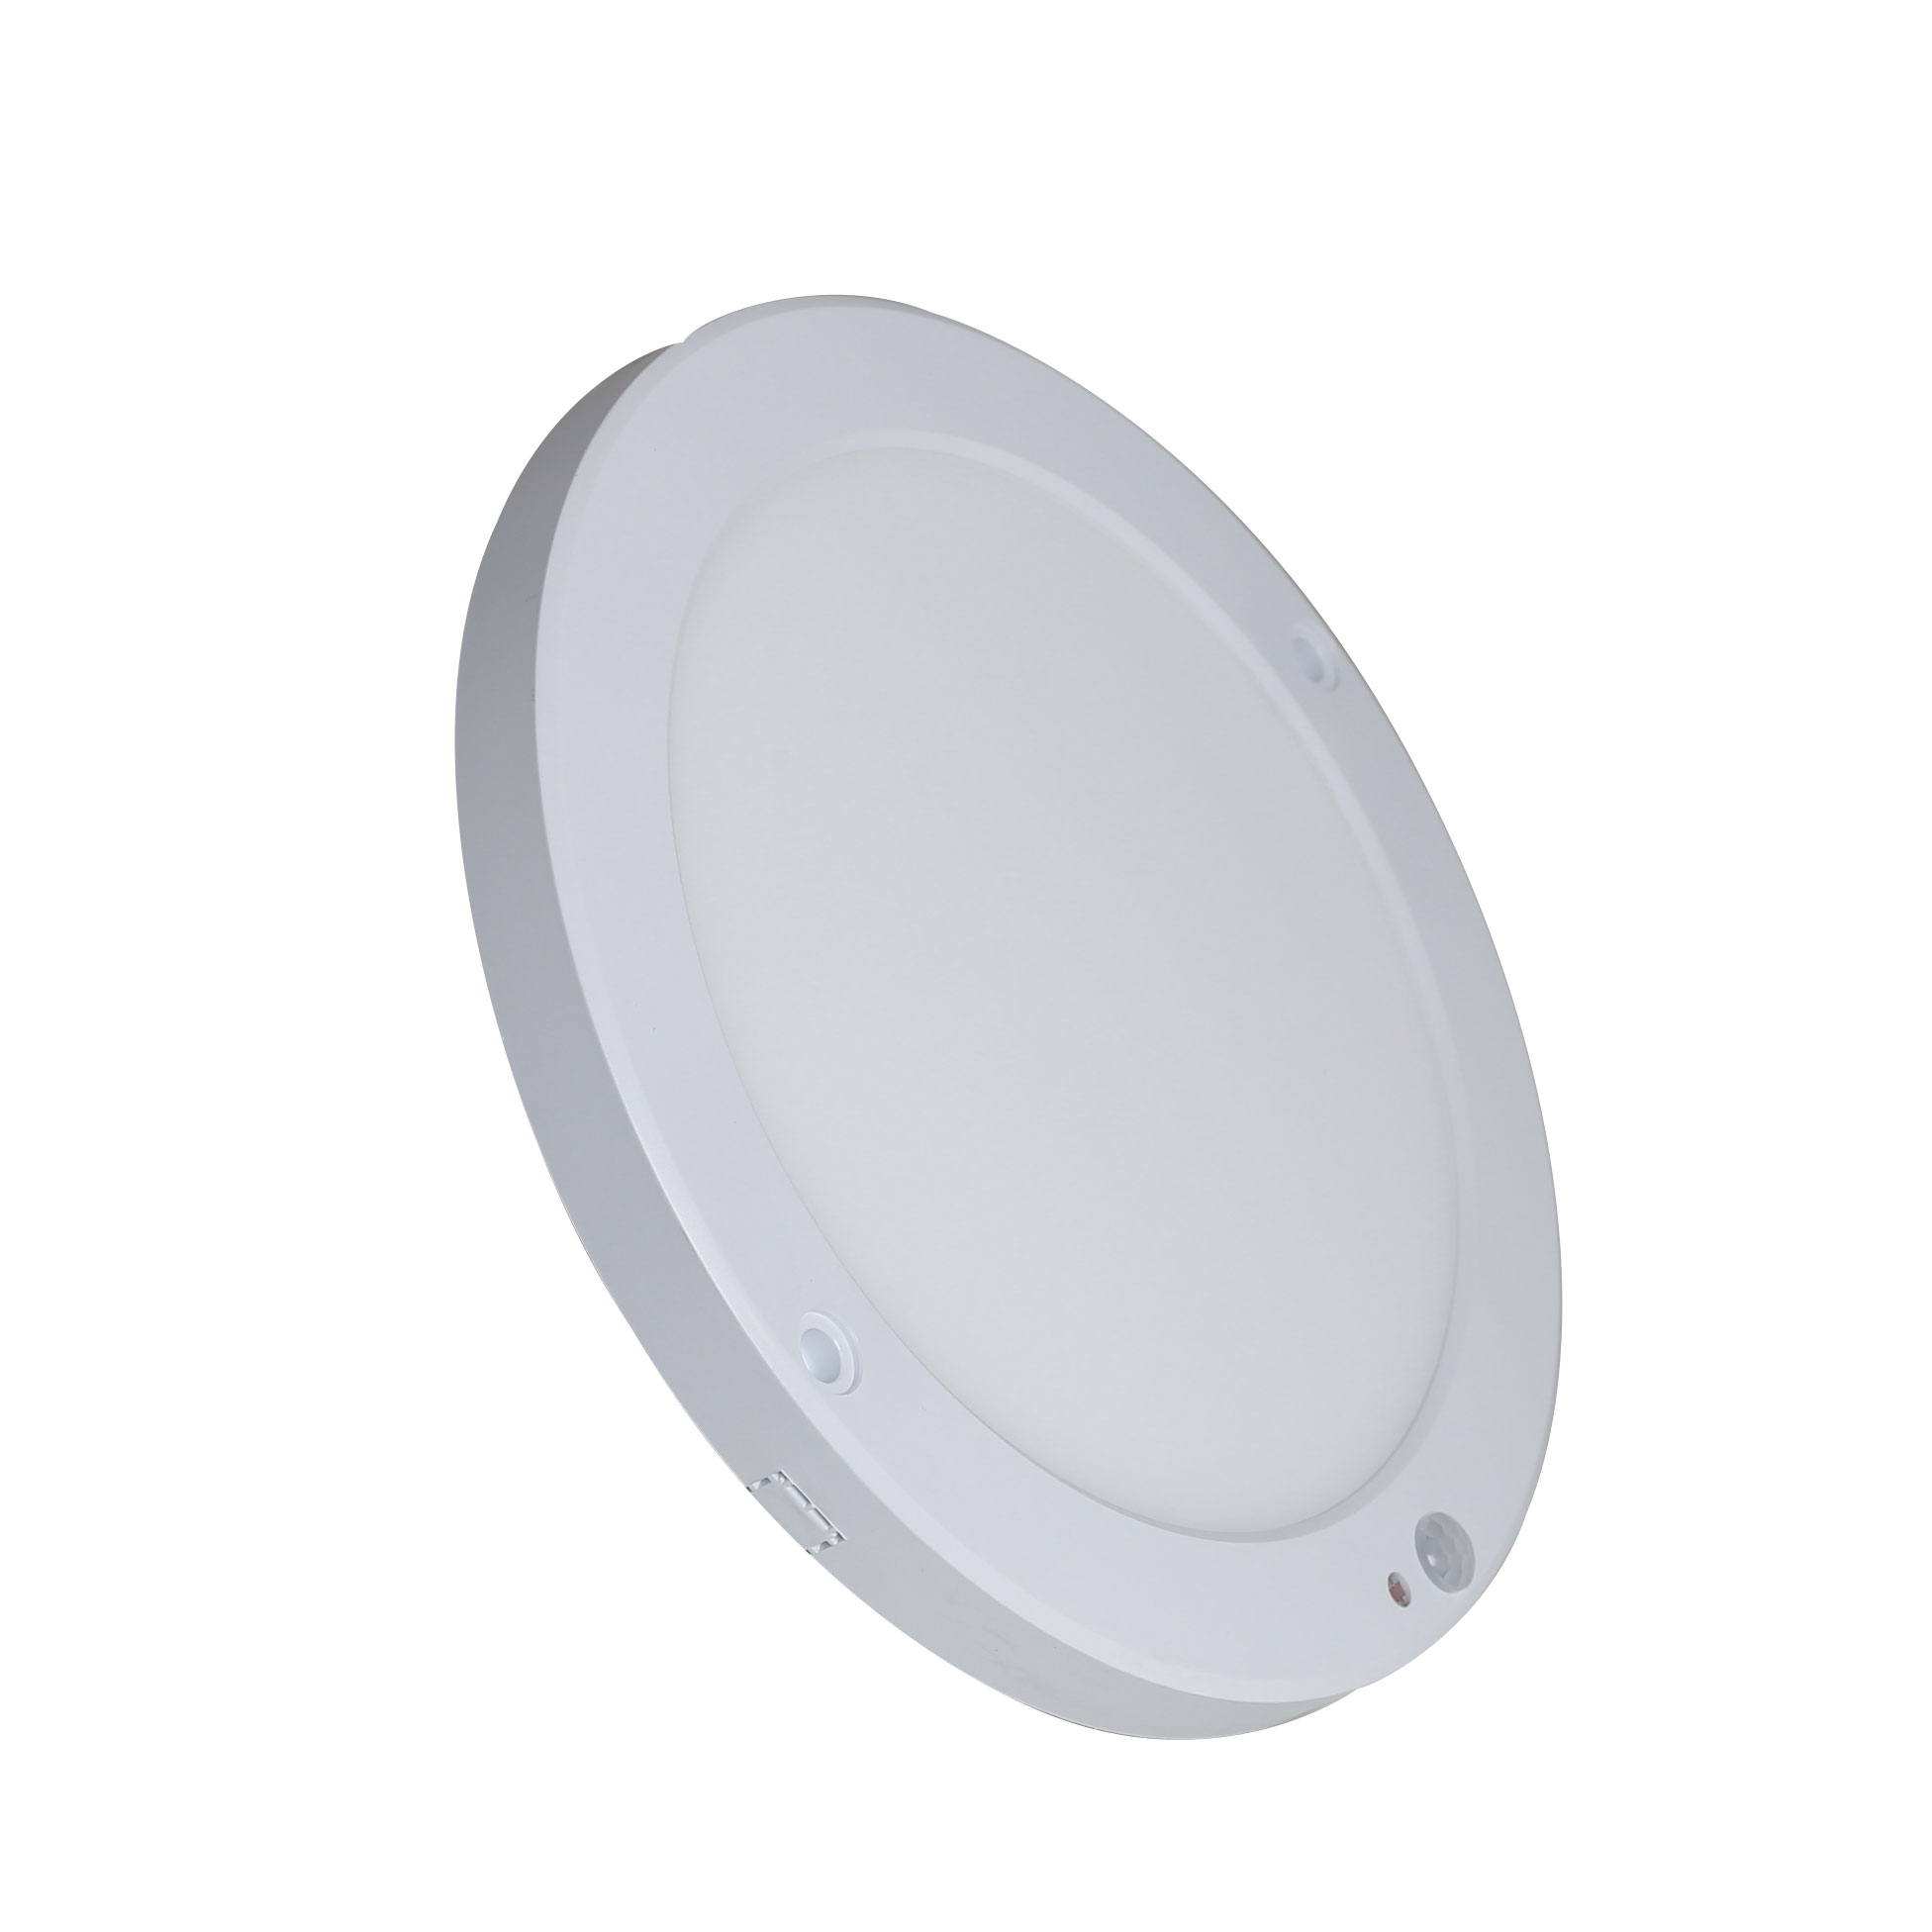 LED Ốp trần cảm biến tròn 18W D LN11L 220/18W PIR